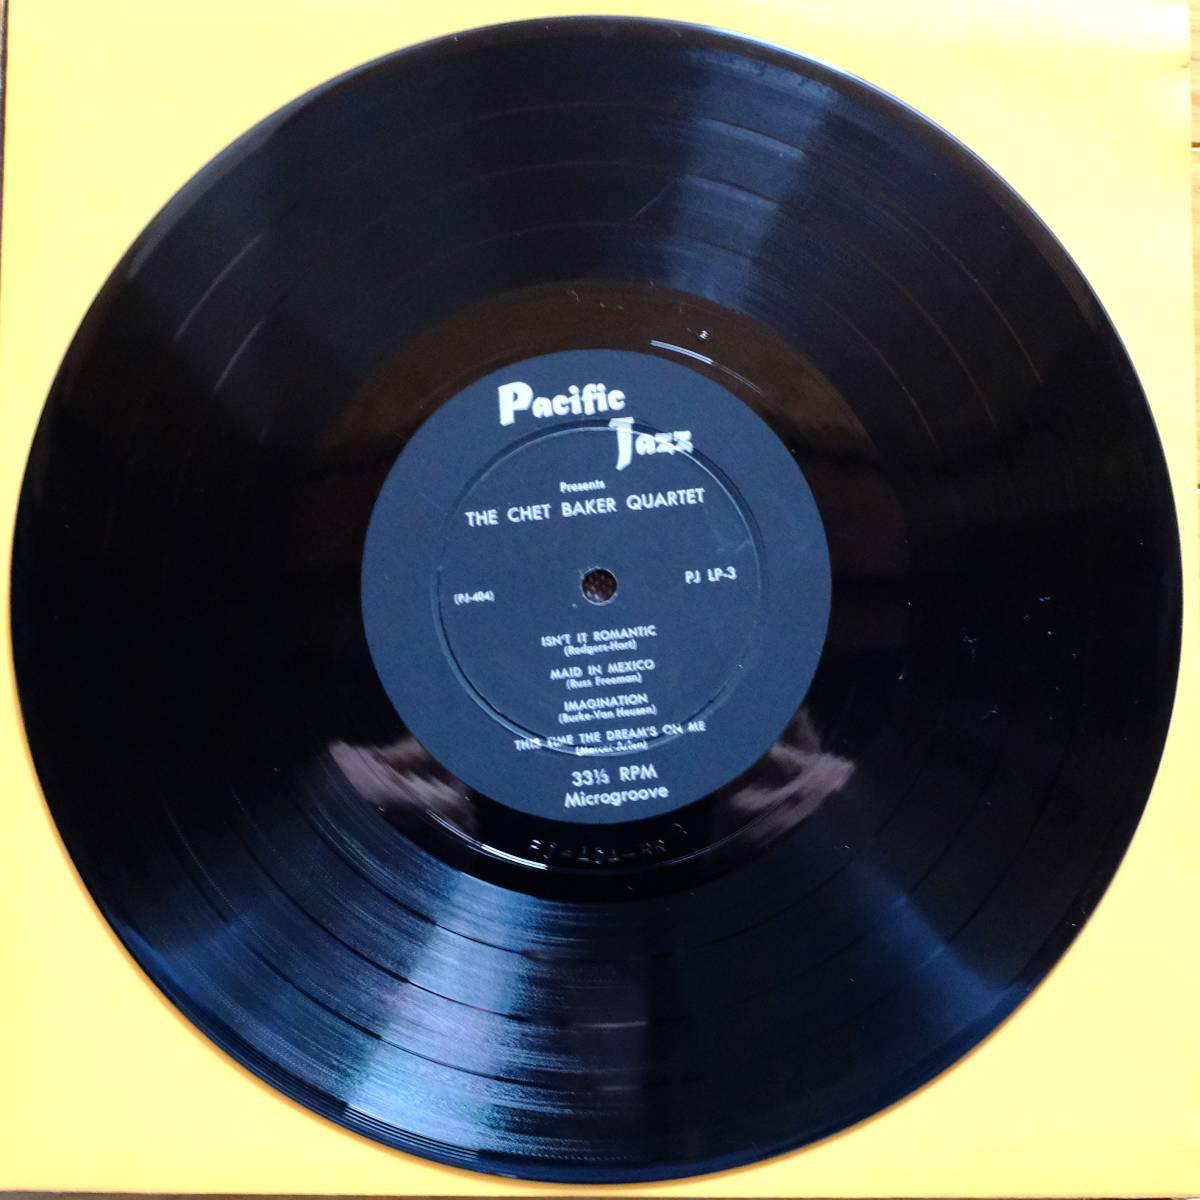 Pacific Jazz PJ-LP3 【The Chet Baker Quartet 】10インチ 極めて良好 フラット盤_画像4